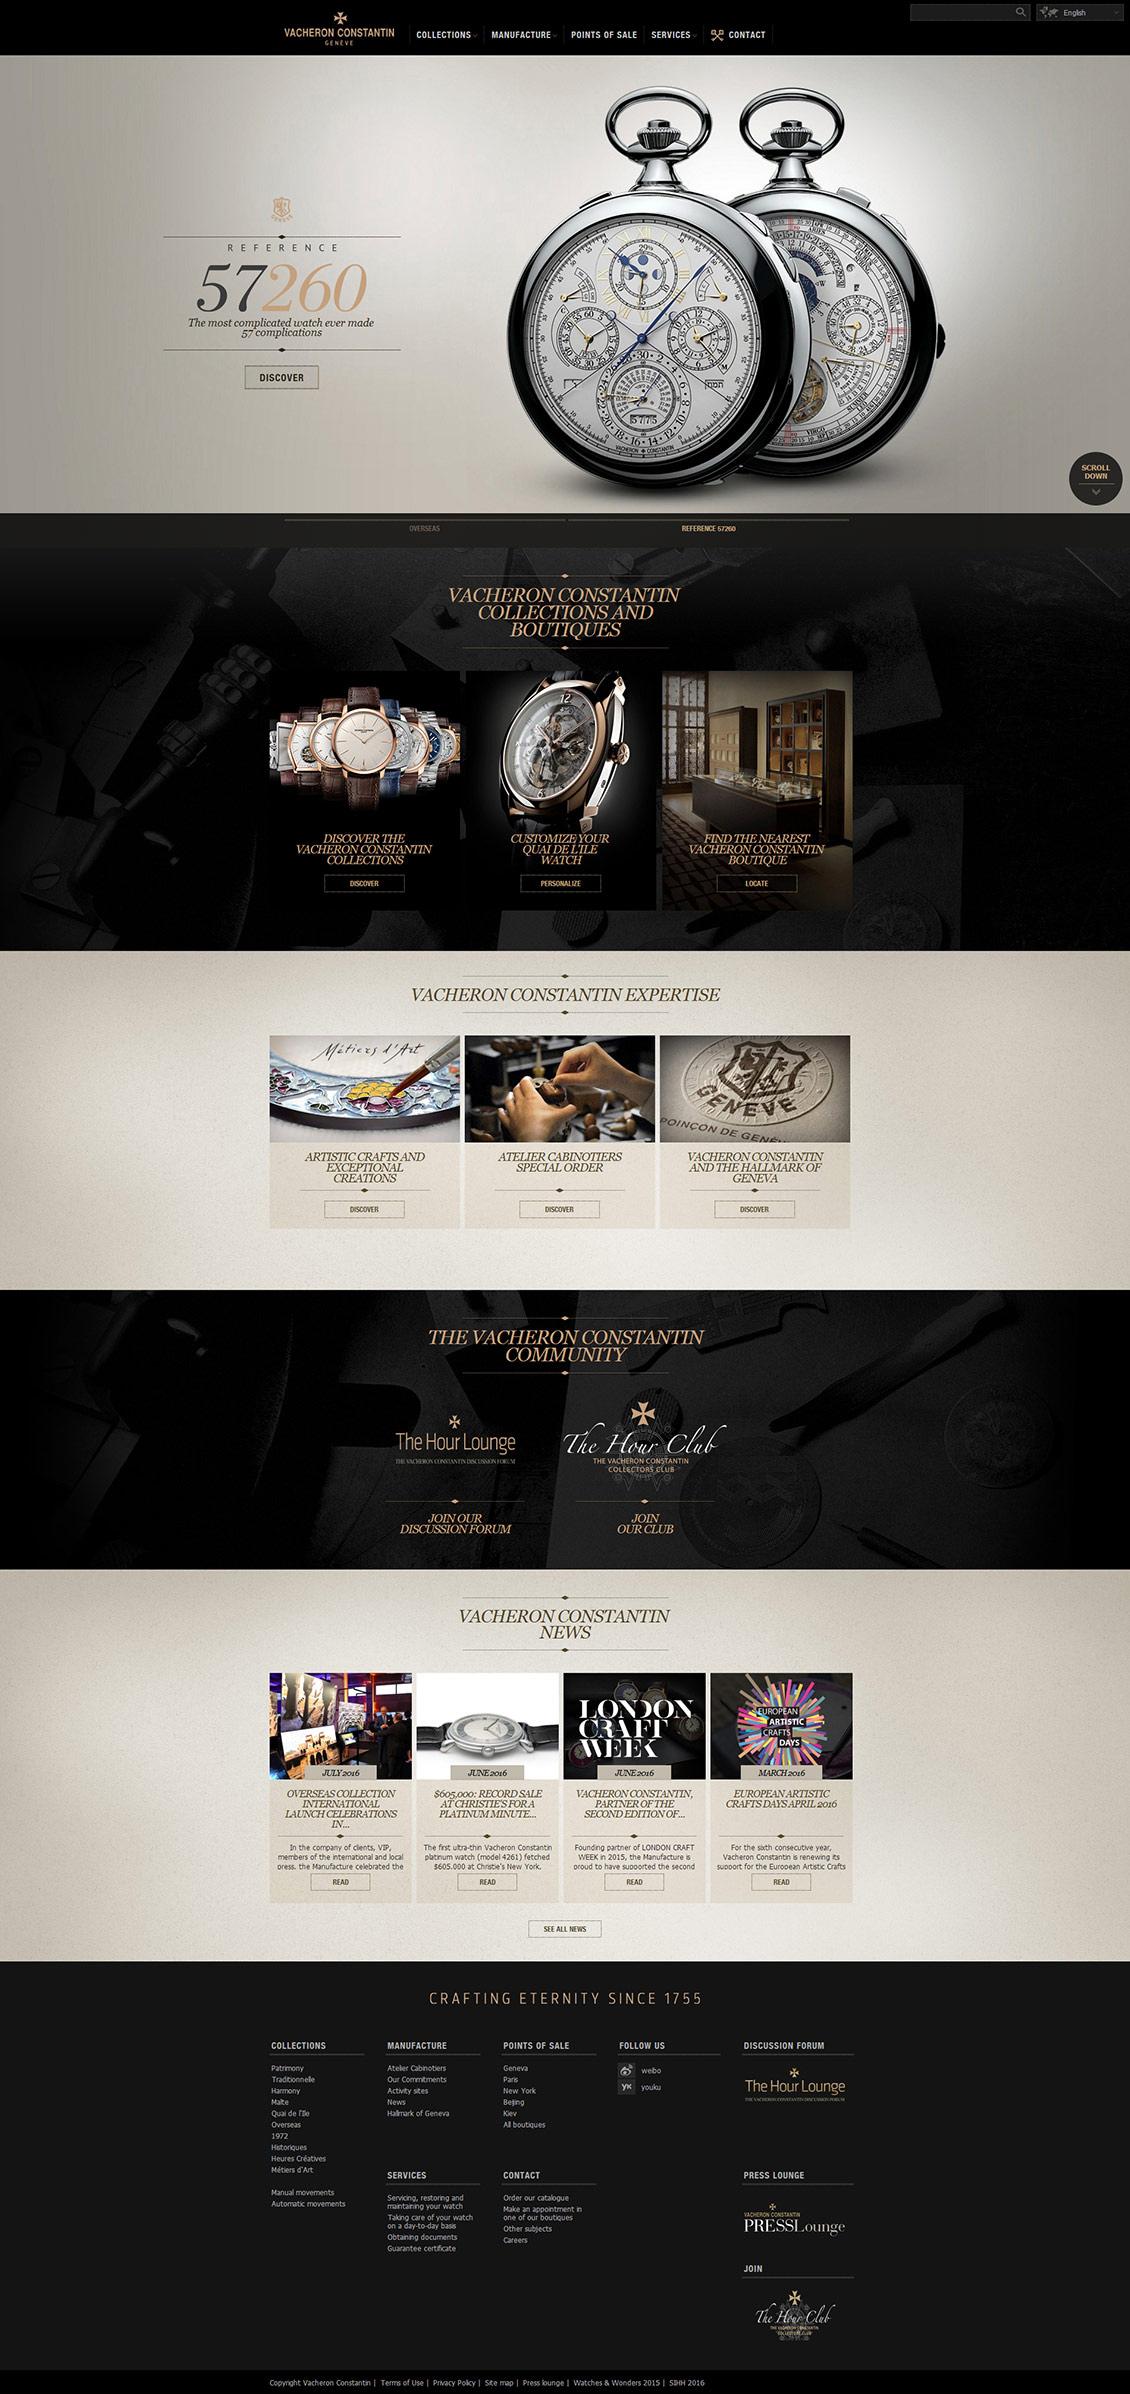 江诗丹顿手表网站设计案例欣赏